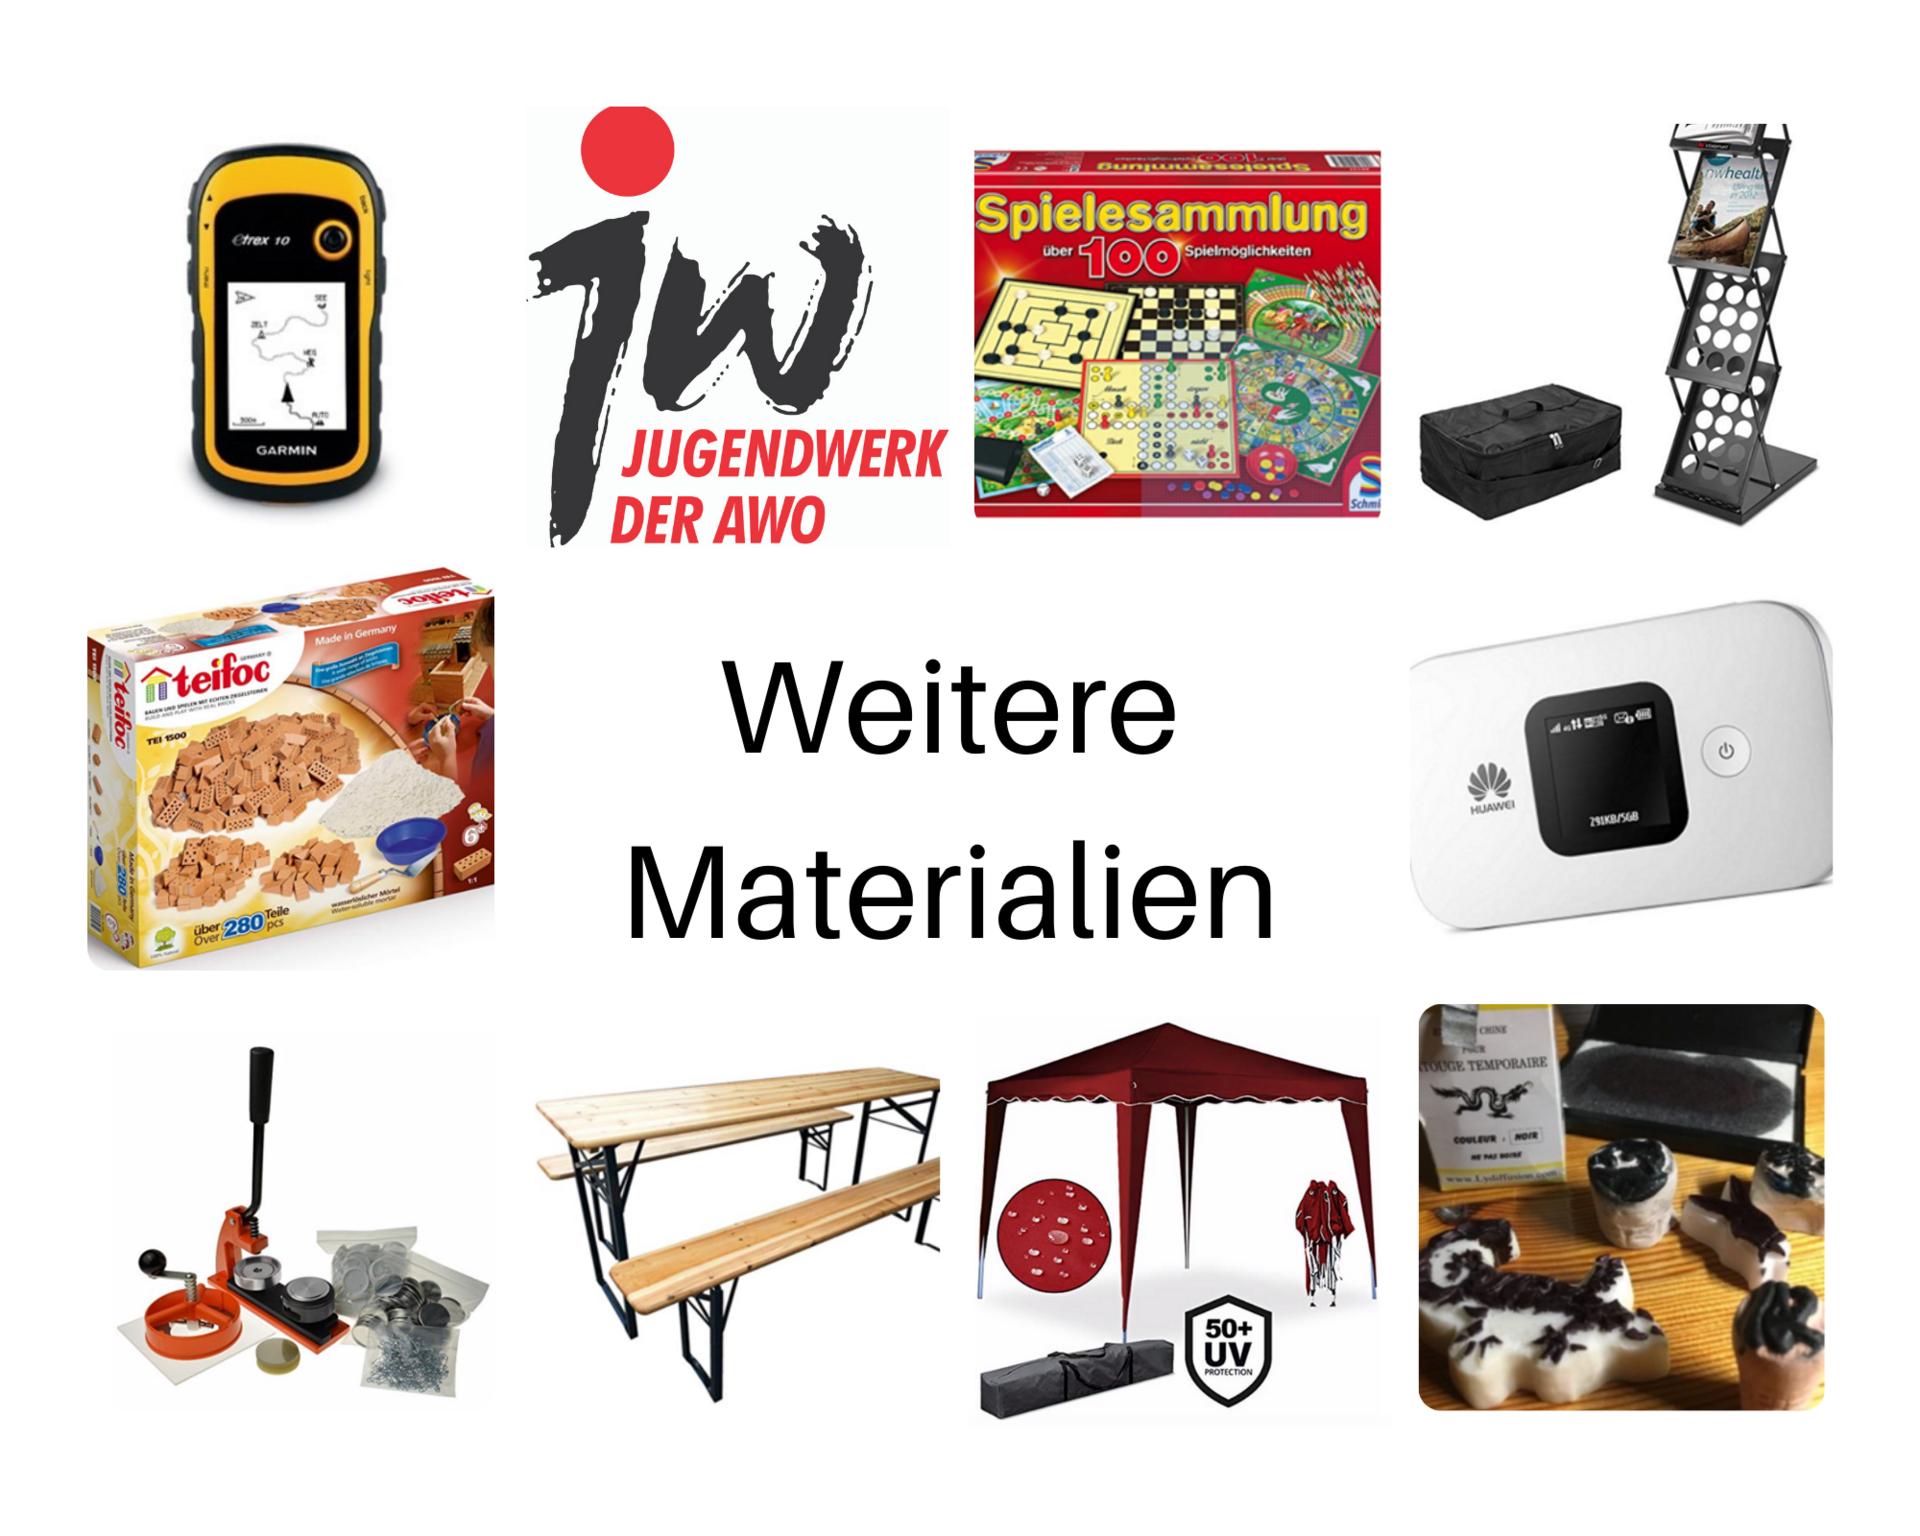 Bild mit weiteren Materialien zum Ausleihen: GPS Gerät, Spielesammlung, Prospektständer, Steinebauset, Mobiles WLan, Buttonmaschine, Sitzgarnitur, Pavillion, Tattoo Stempel